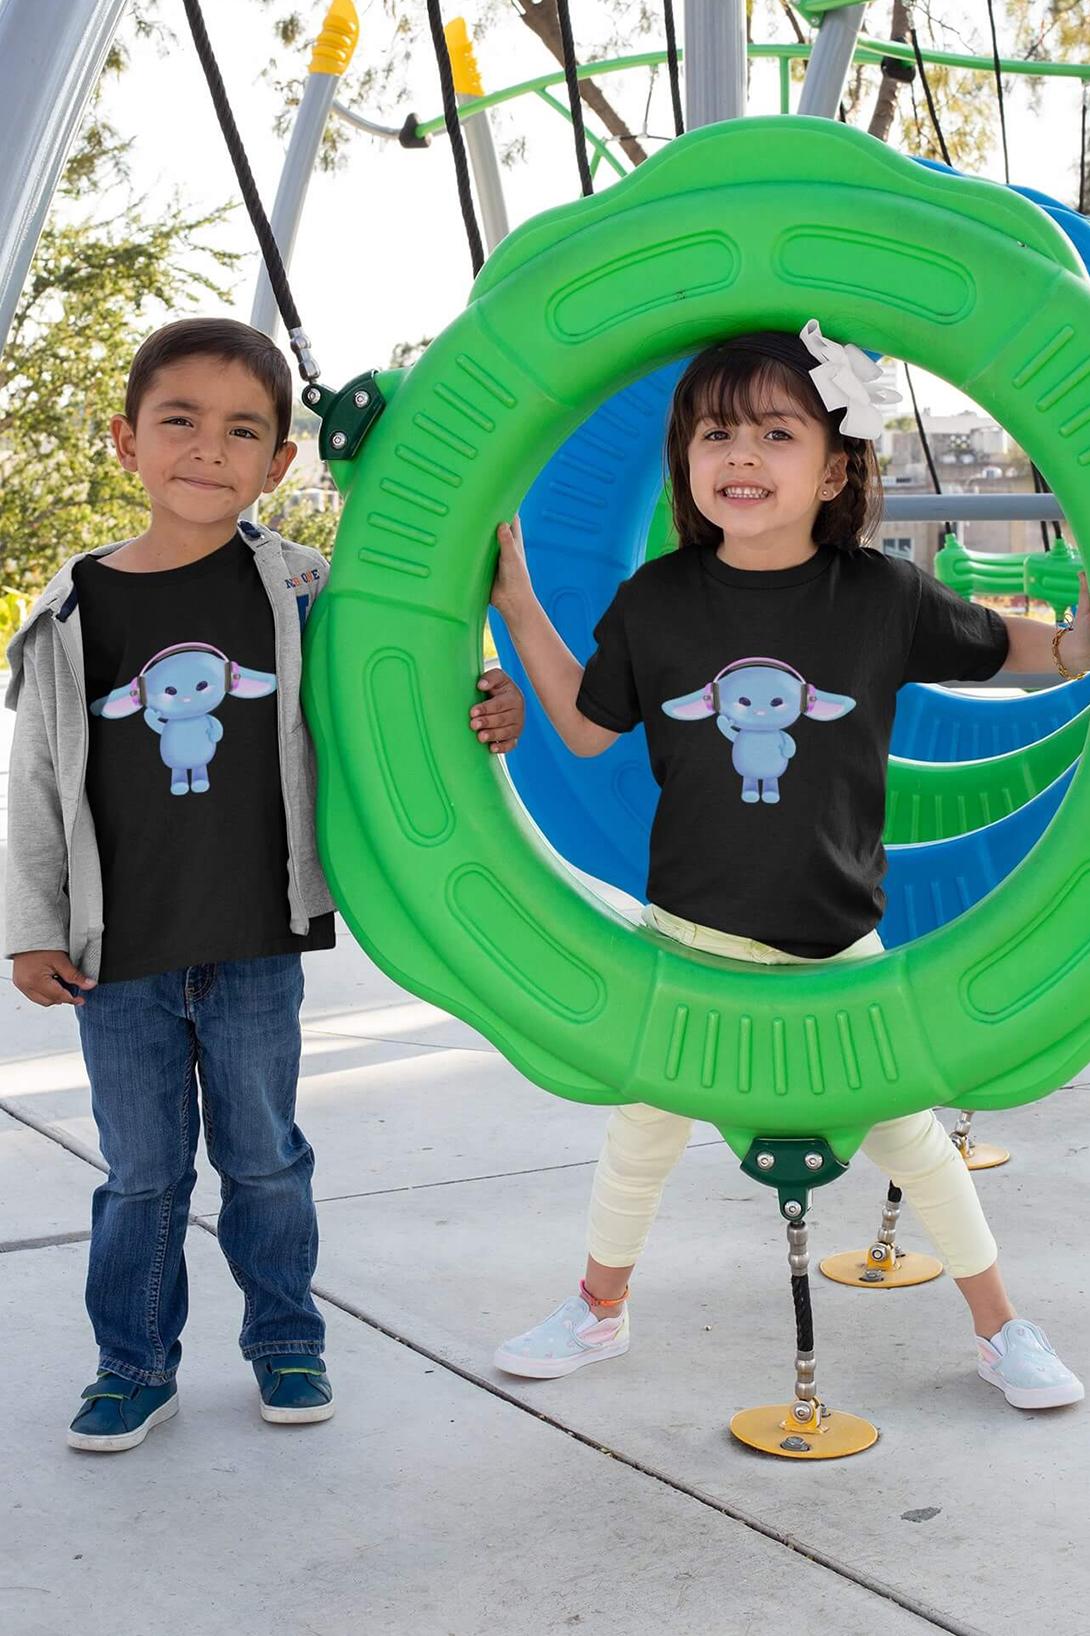 MMO Detské tričko Zajac so slúchadlami Vyberte farbu: Čierna, Detská veľkosť: 110/4 roky